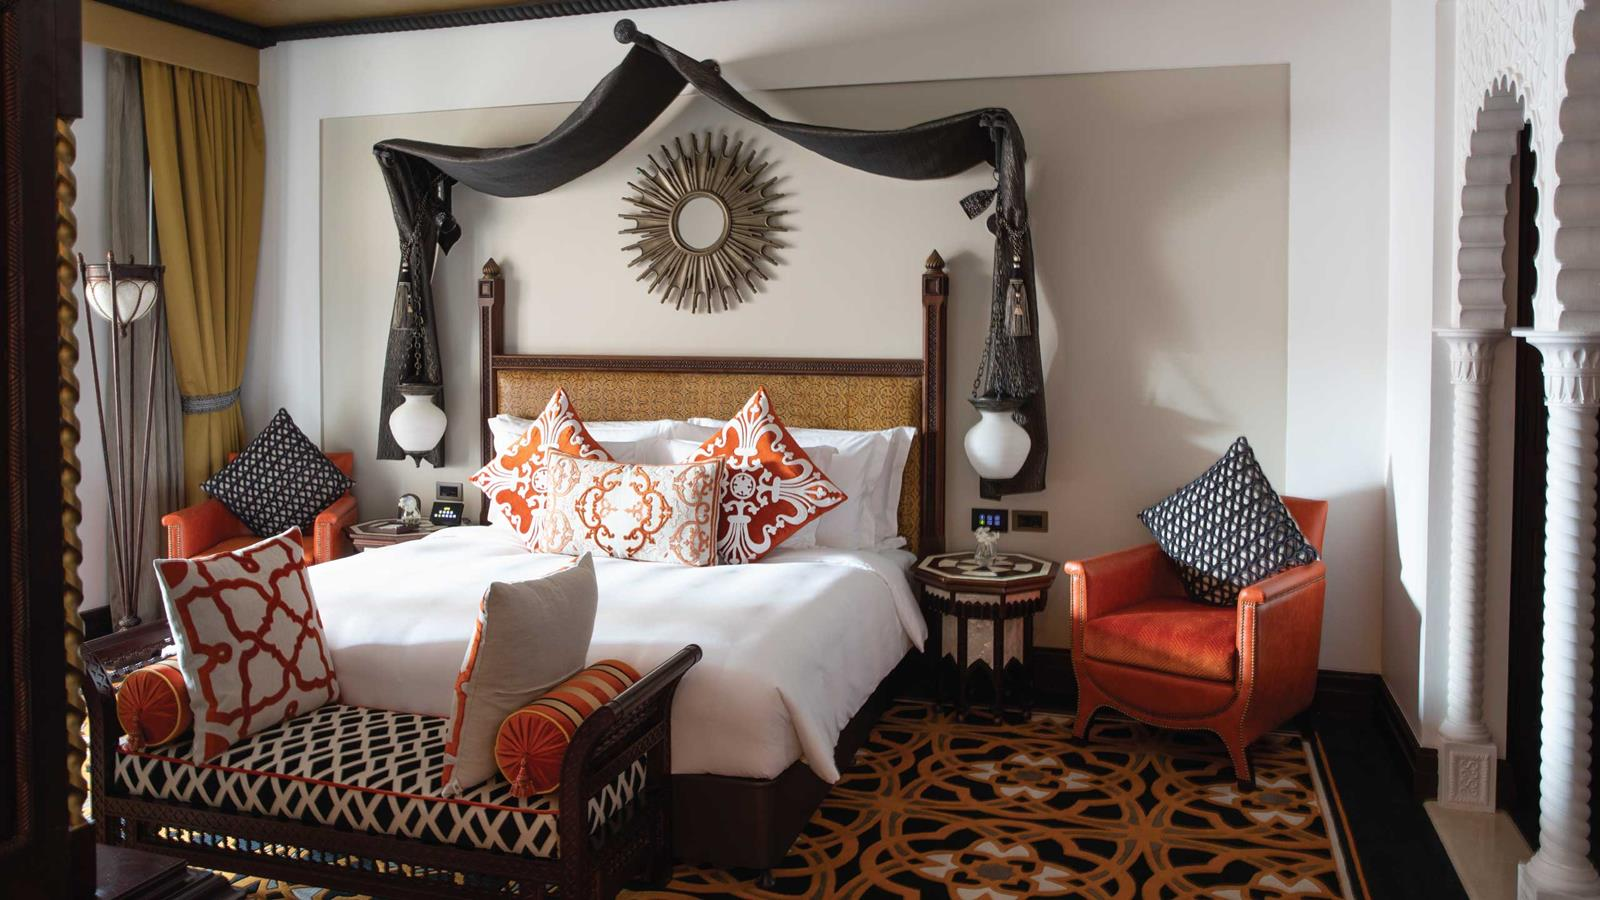 jumeirah-al-qasr-suite-bedroom-hero.jpg